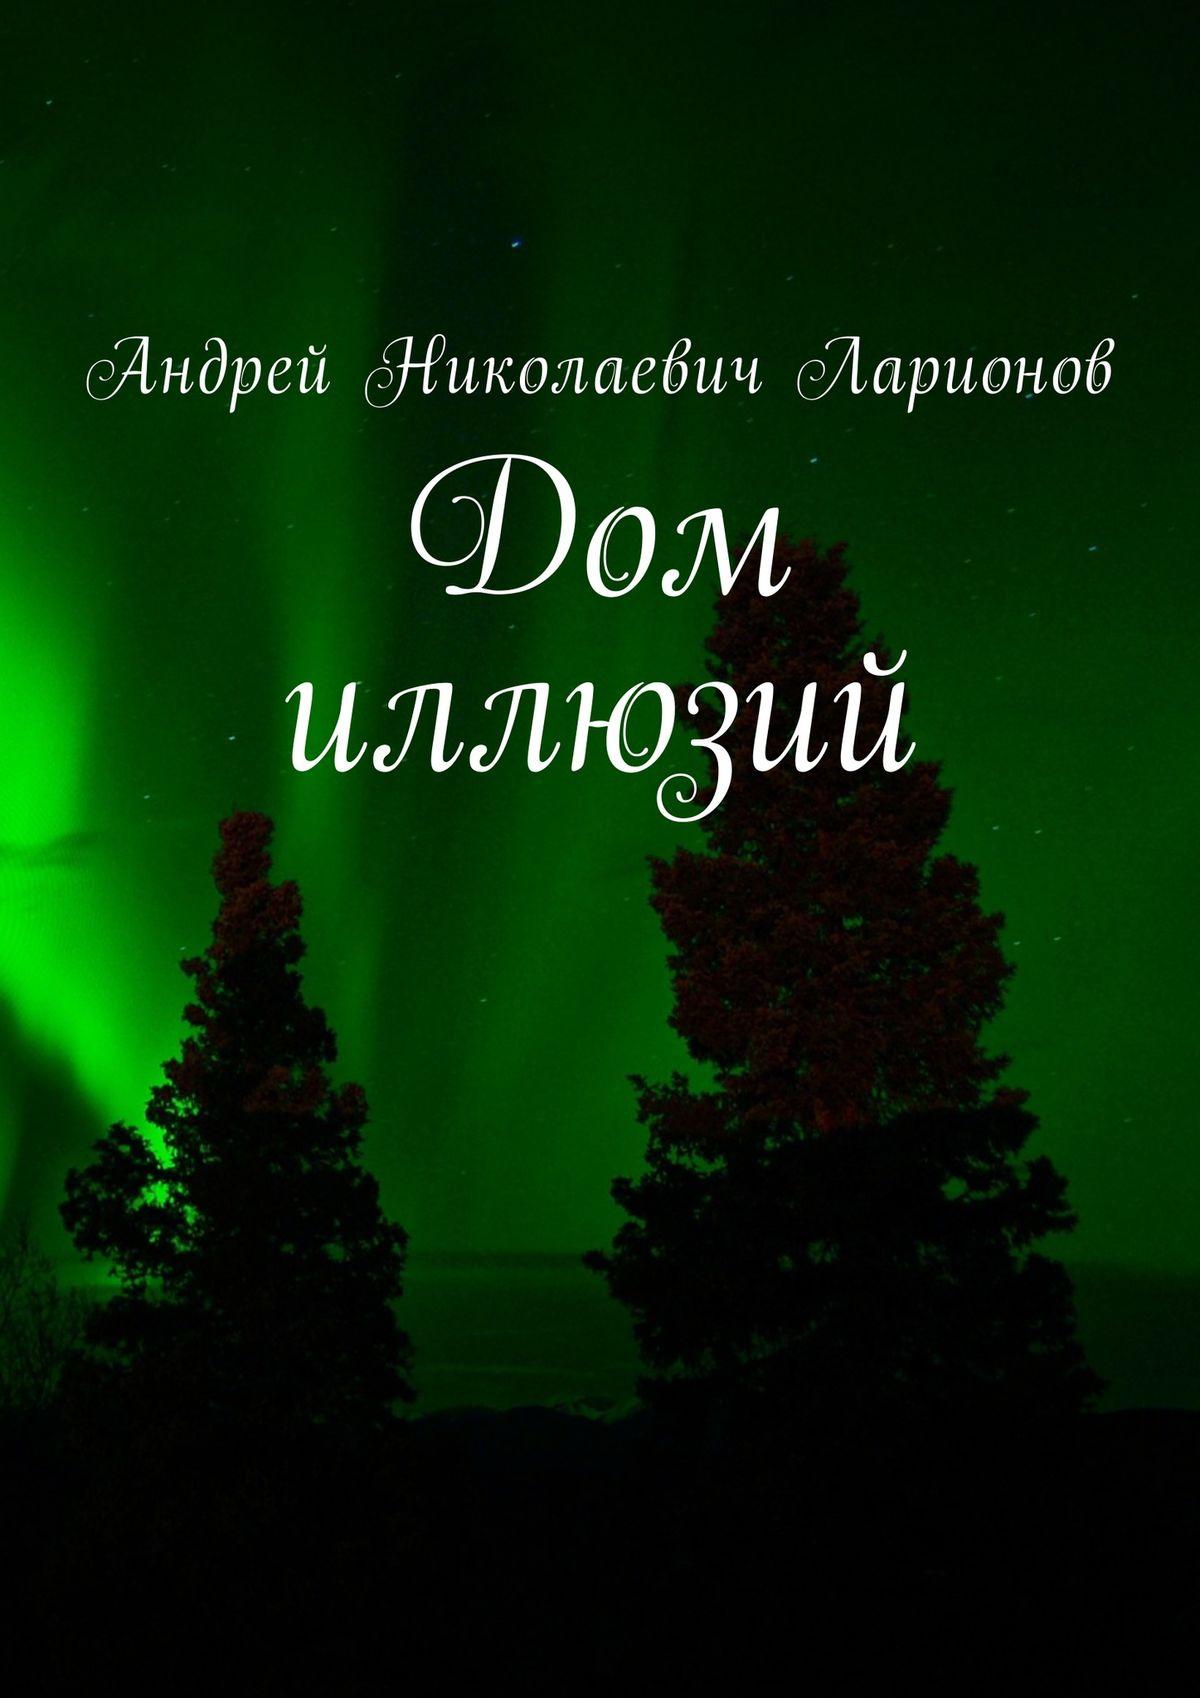 Андрей Николаевич Ларионов Дом иллюзий цена